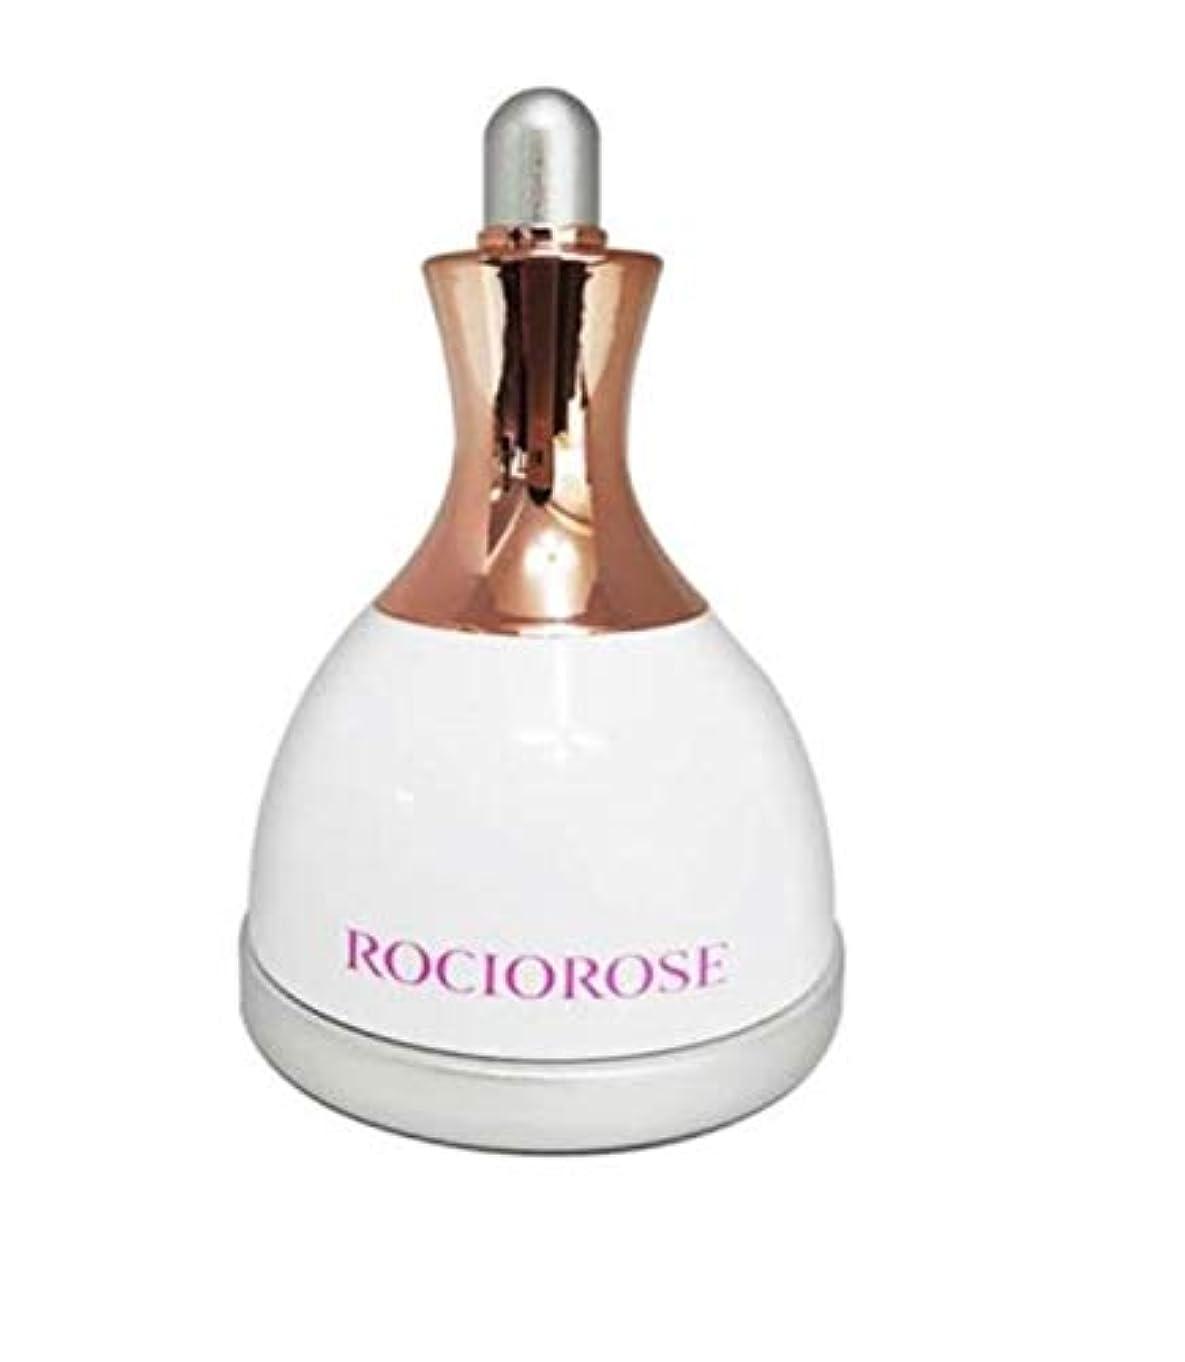 ストレスロマンチック睡眠Rociorose Ice Skin Cooler Face&Eyeフェイスクーラーアイスローラーフェイスローラー顔マッサージ機構の腫れ抜き方法毛穴縮小(海外直送品)